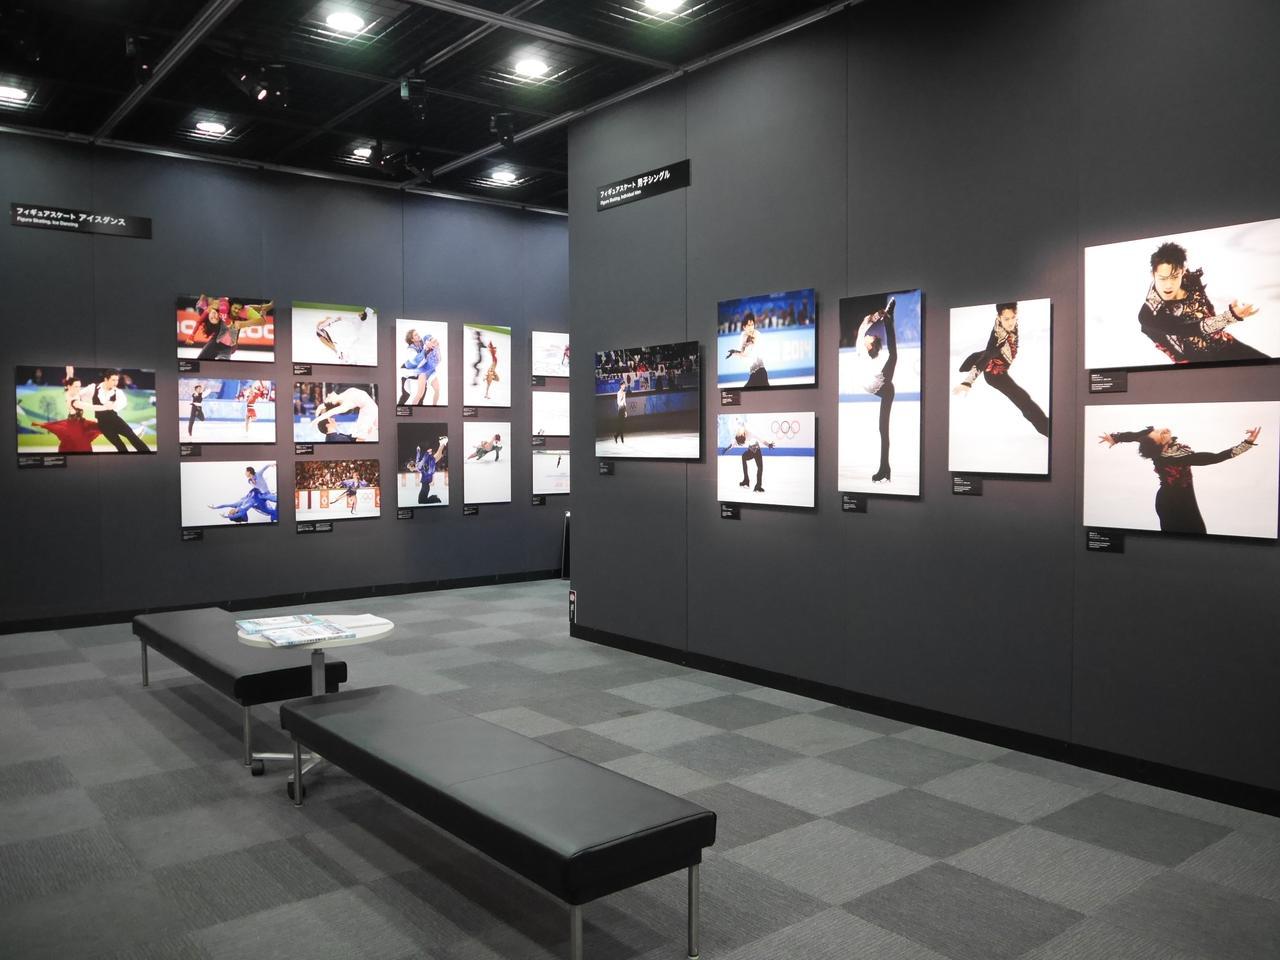 画像2: キヤノンギャラリーSでは「青木紘二」さんの写真展が開催!こちらに先に行くのが王道か!